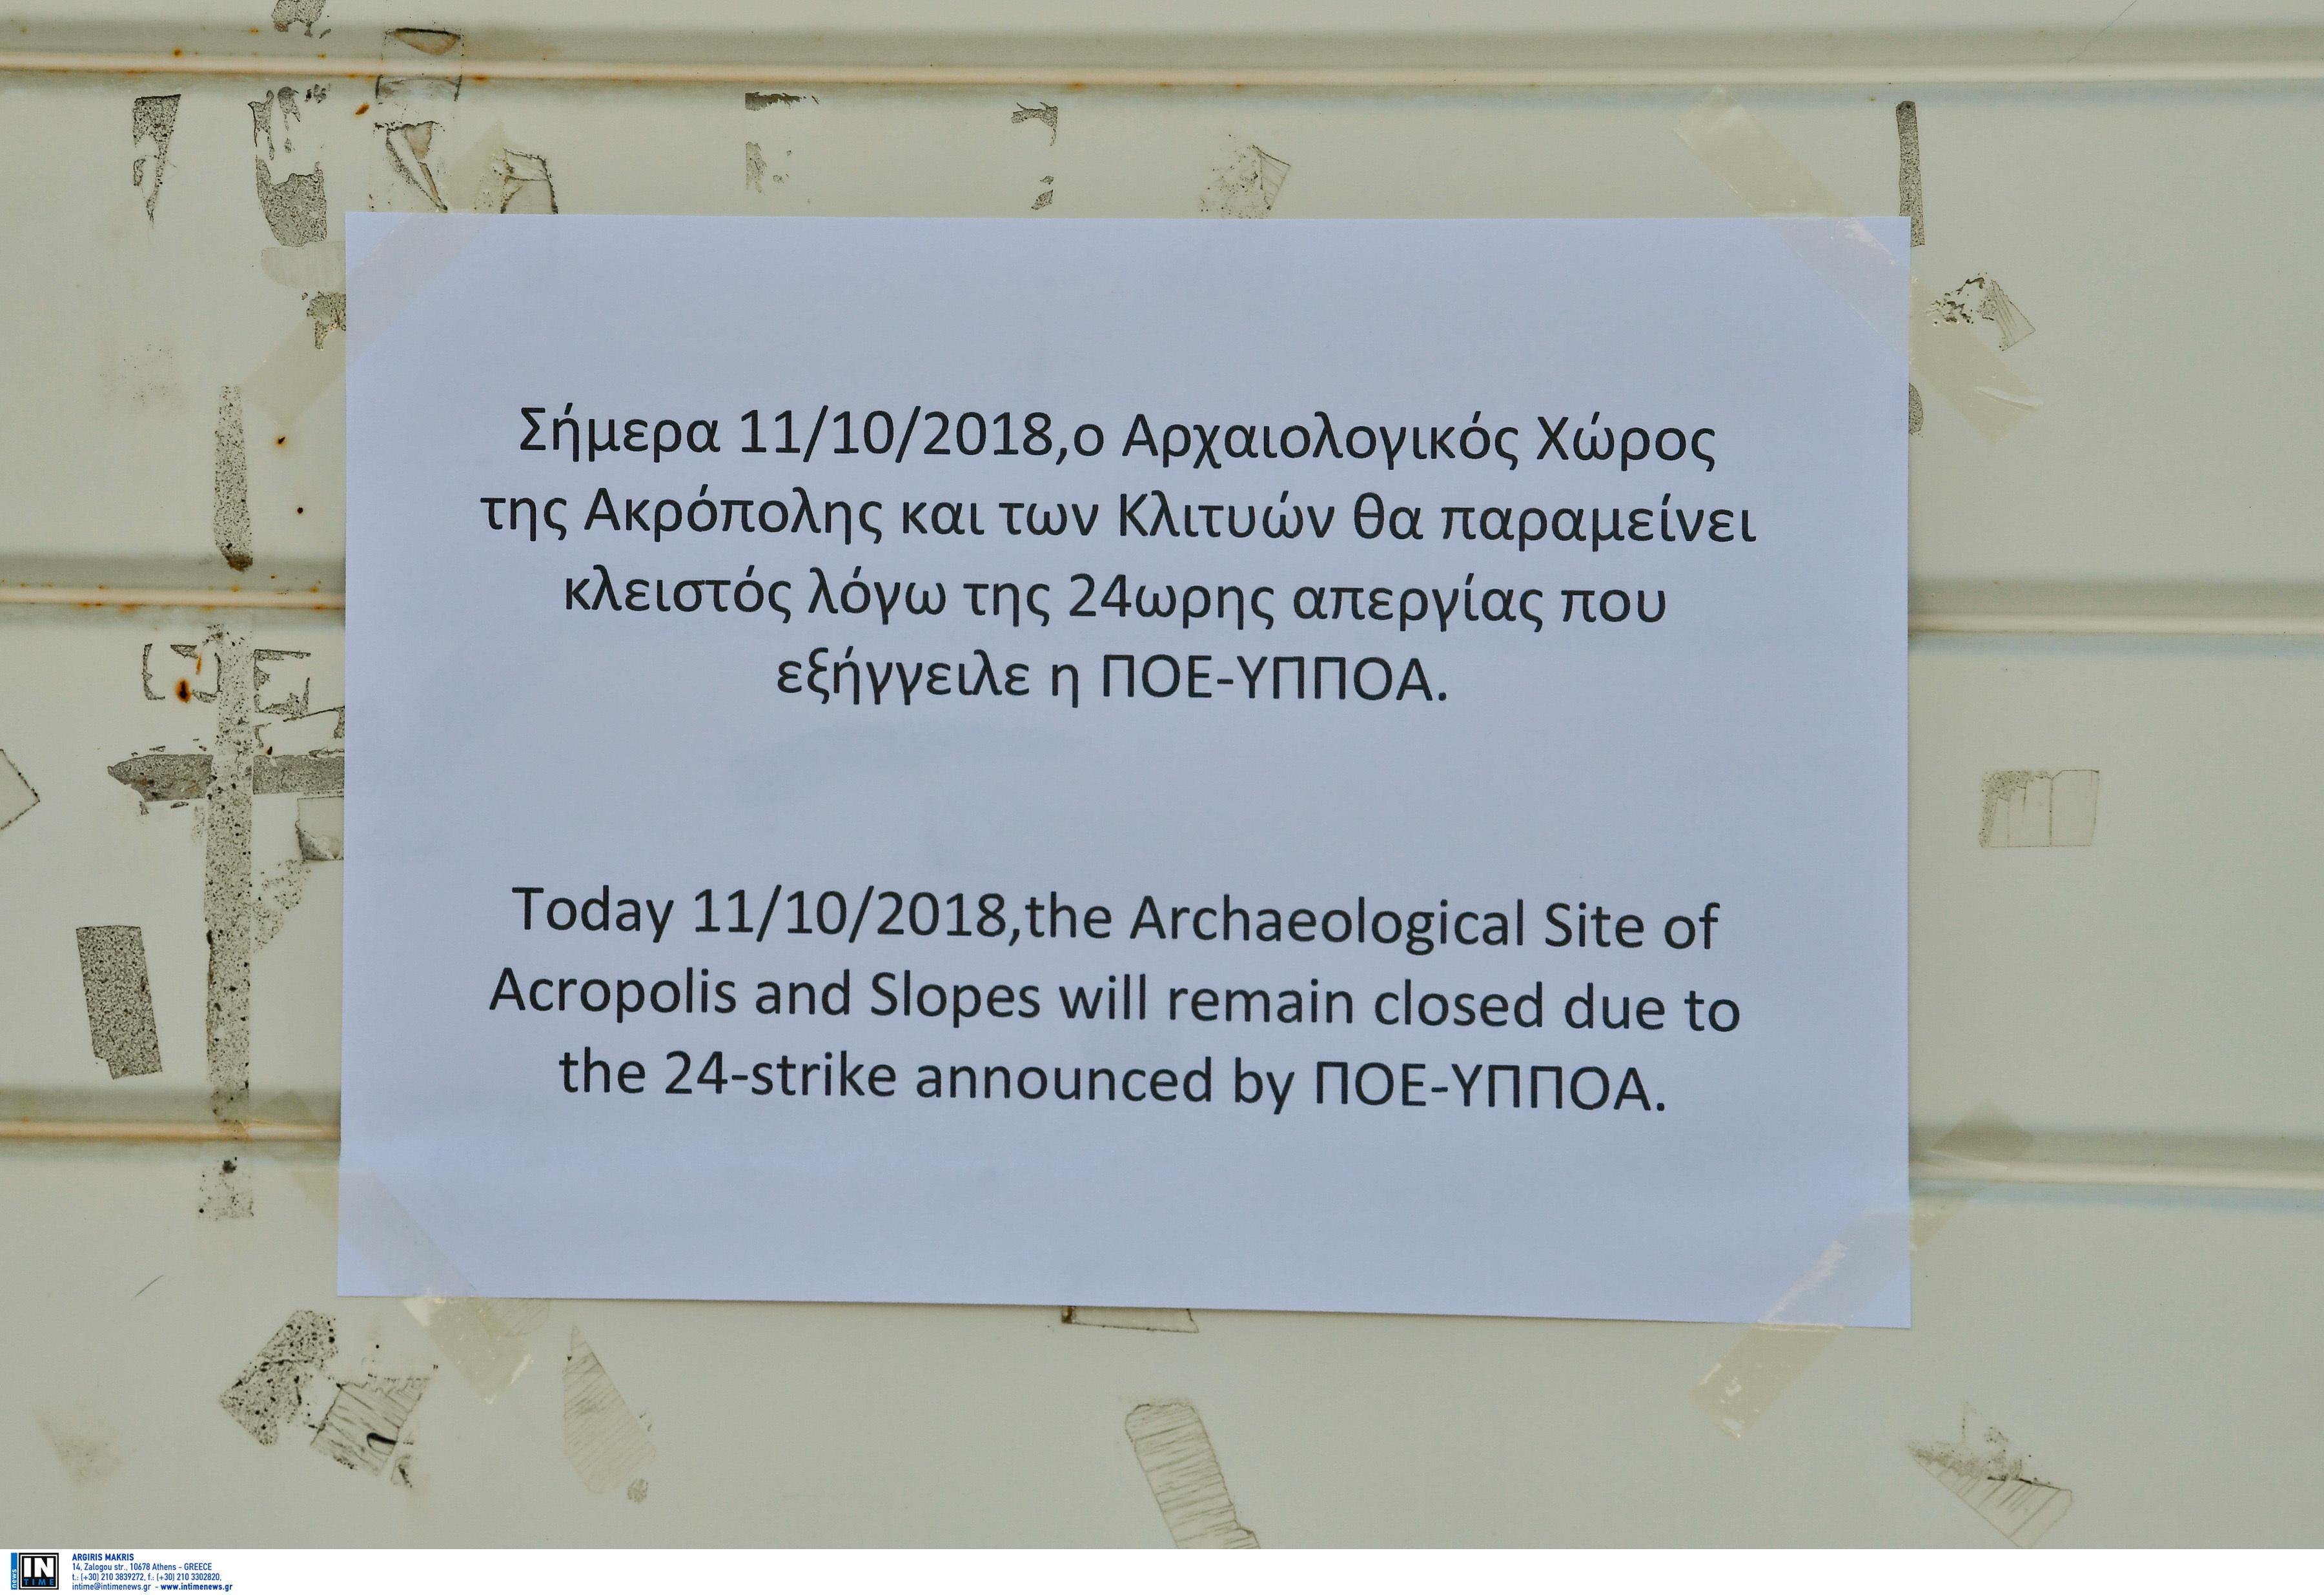 oyres-apo-toyristes-exo-apo-moyseia-kai-archaiologikoys-choroys-logo-tis-apergias-fotografies9